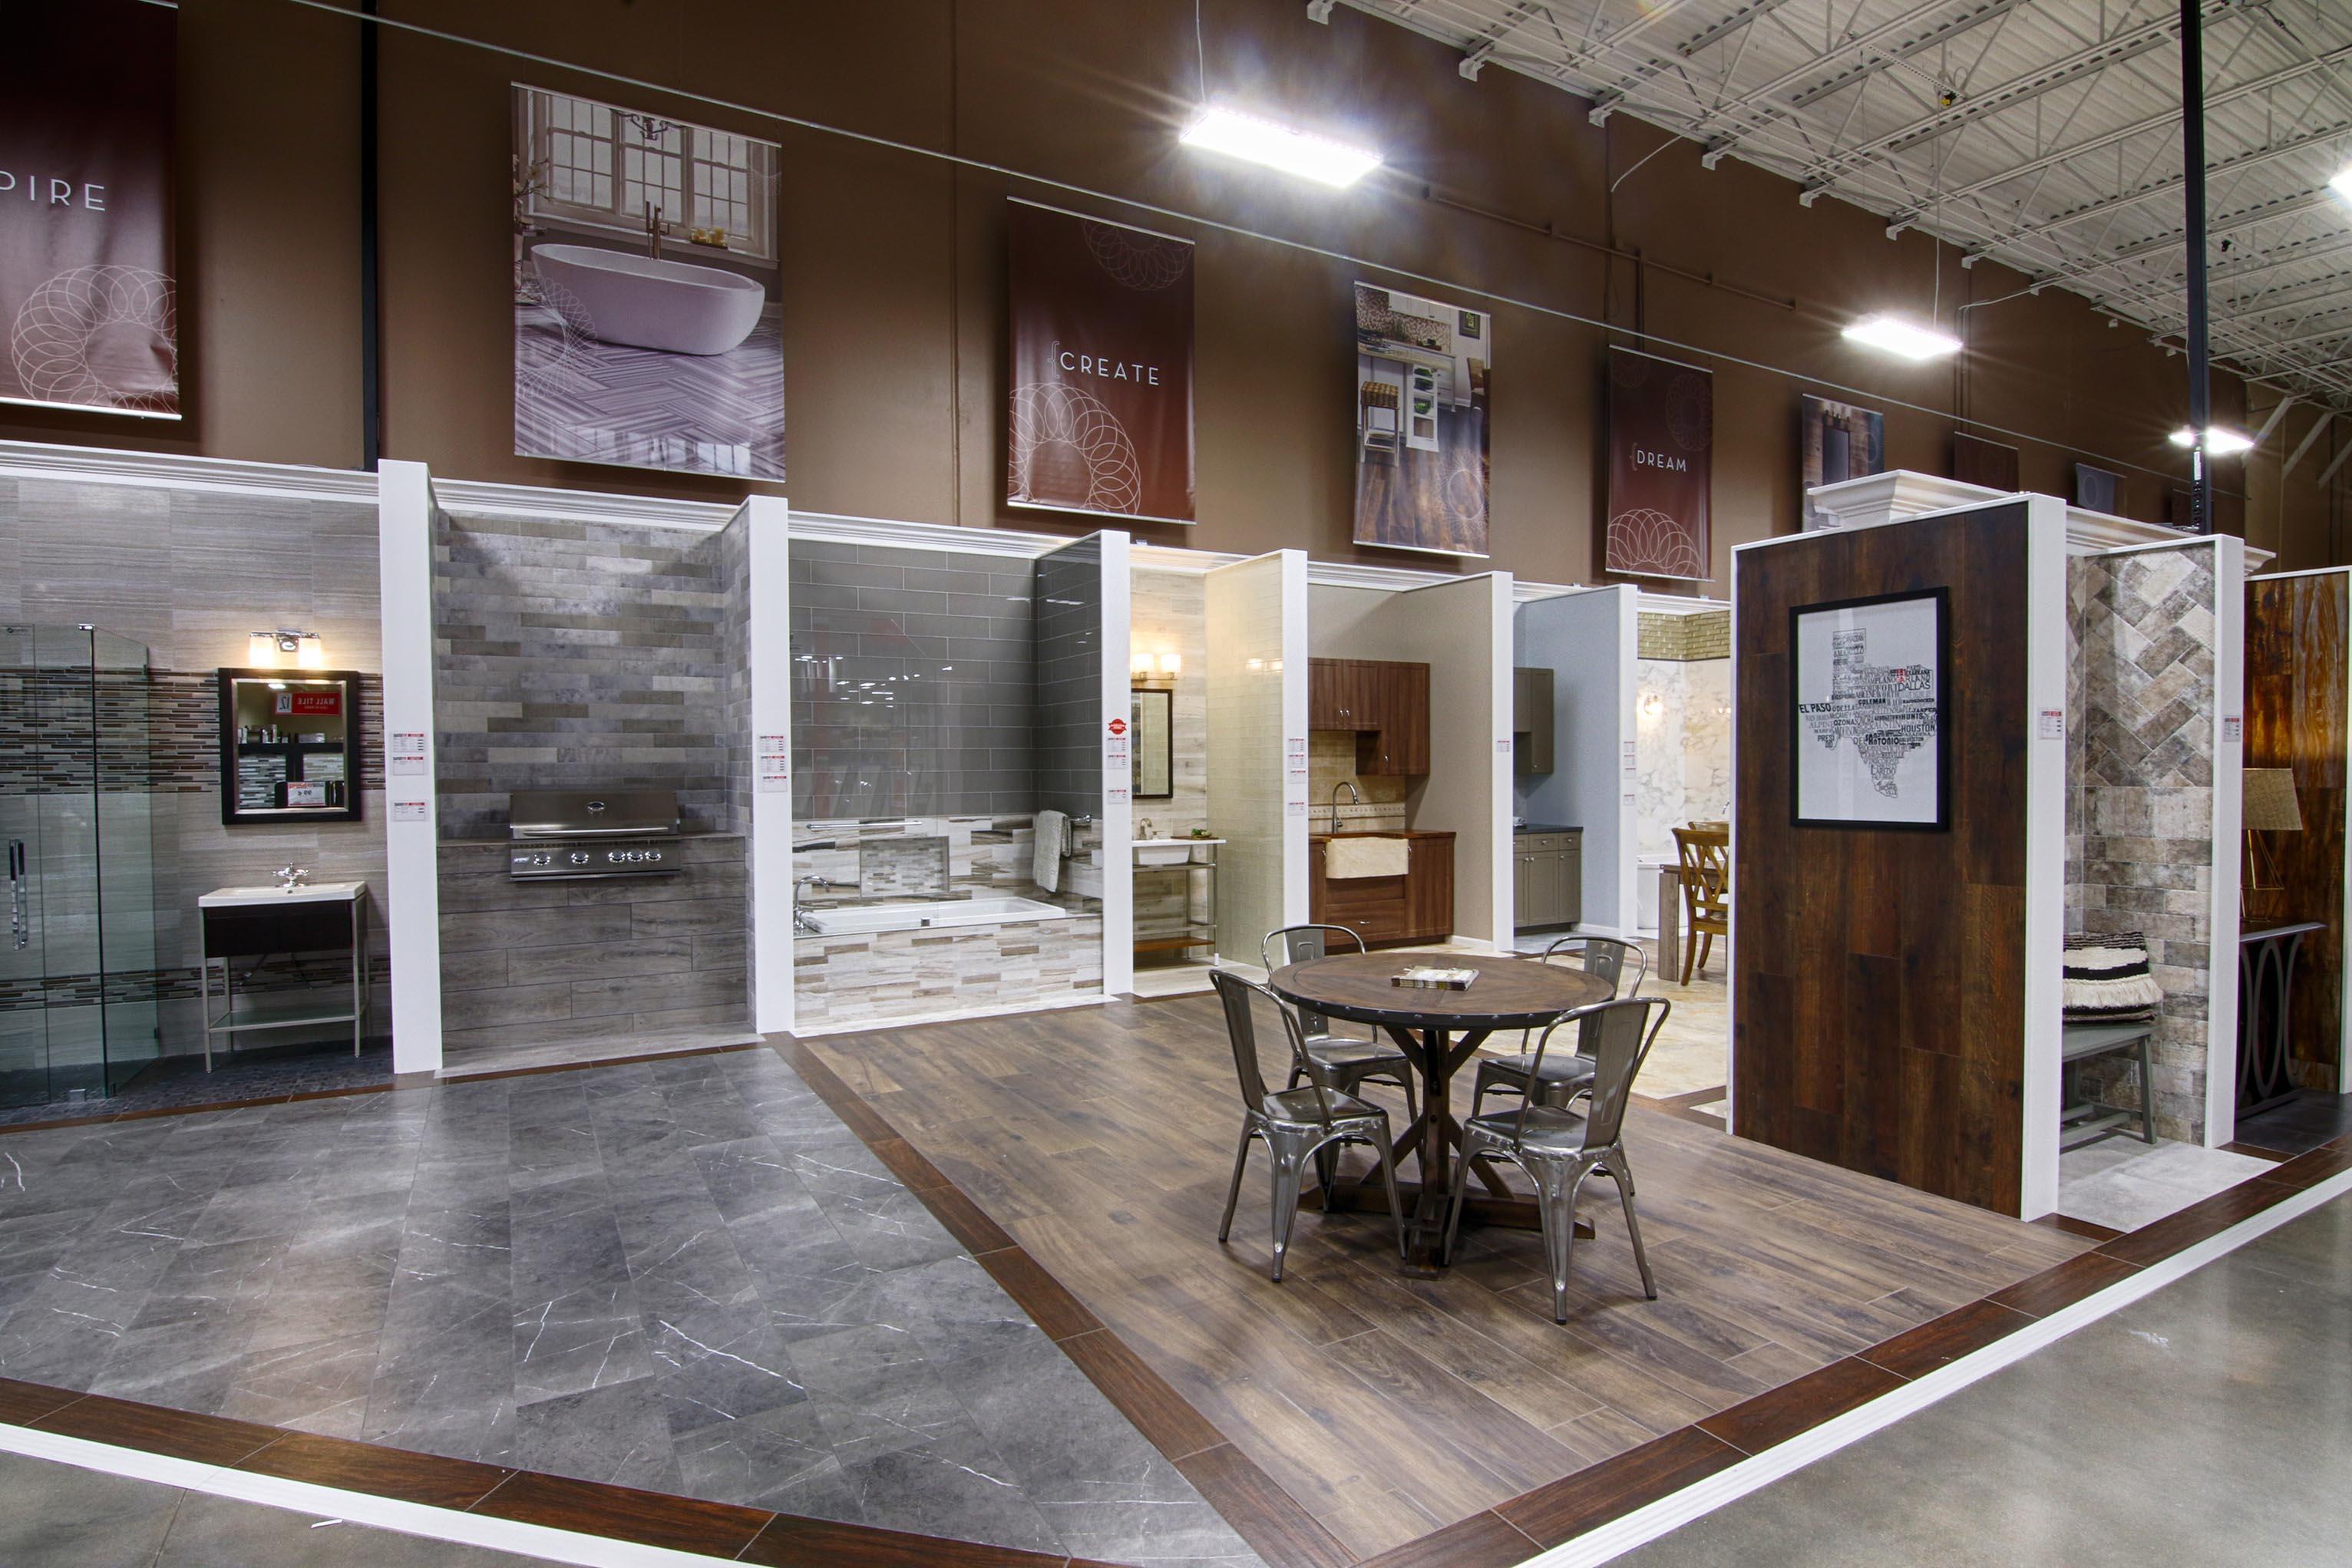 Floor decor katy texas tx for Hardwood floors katy tx